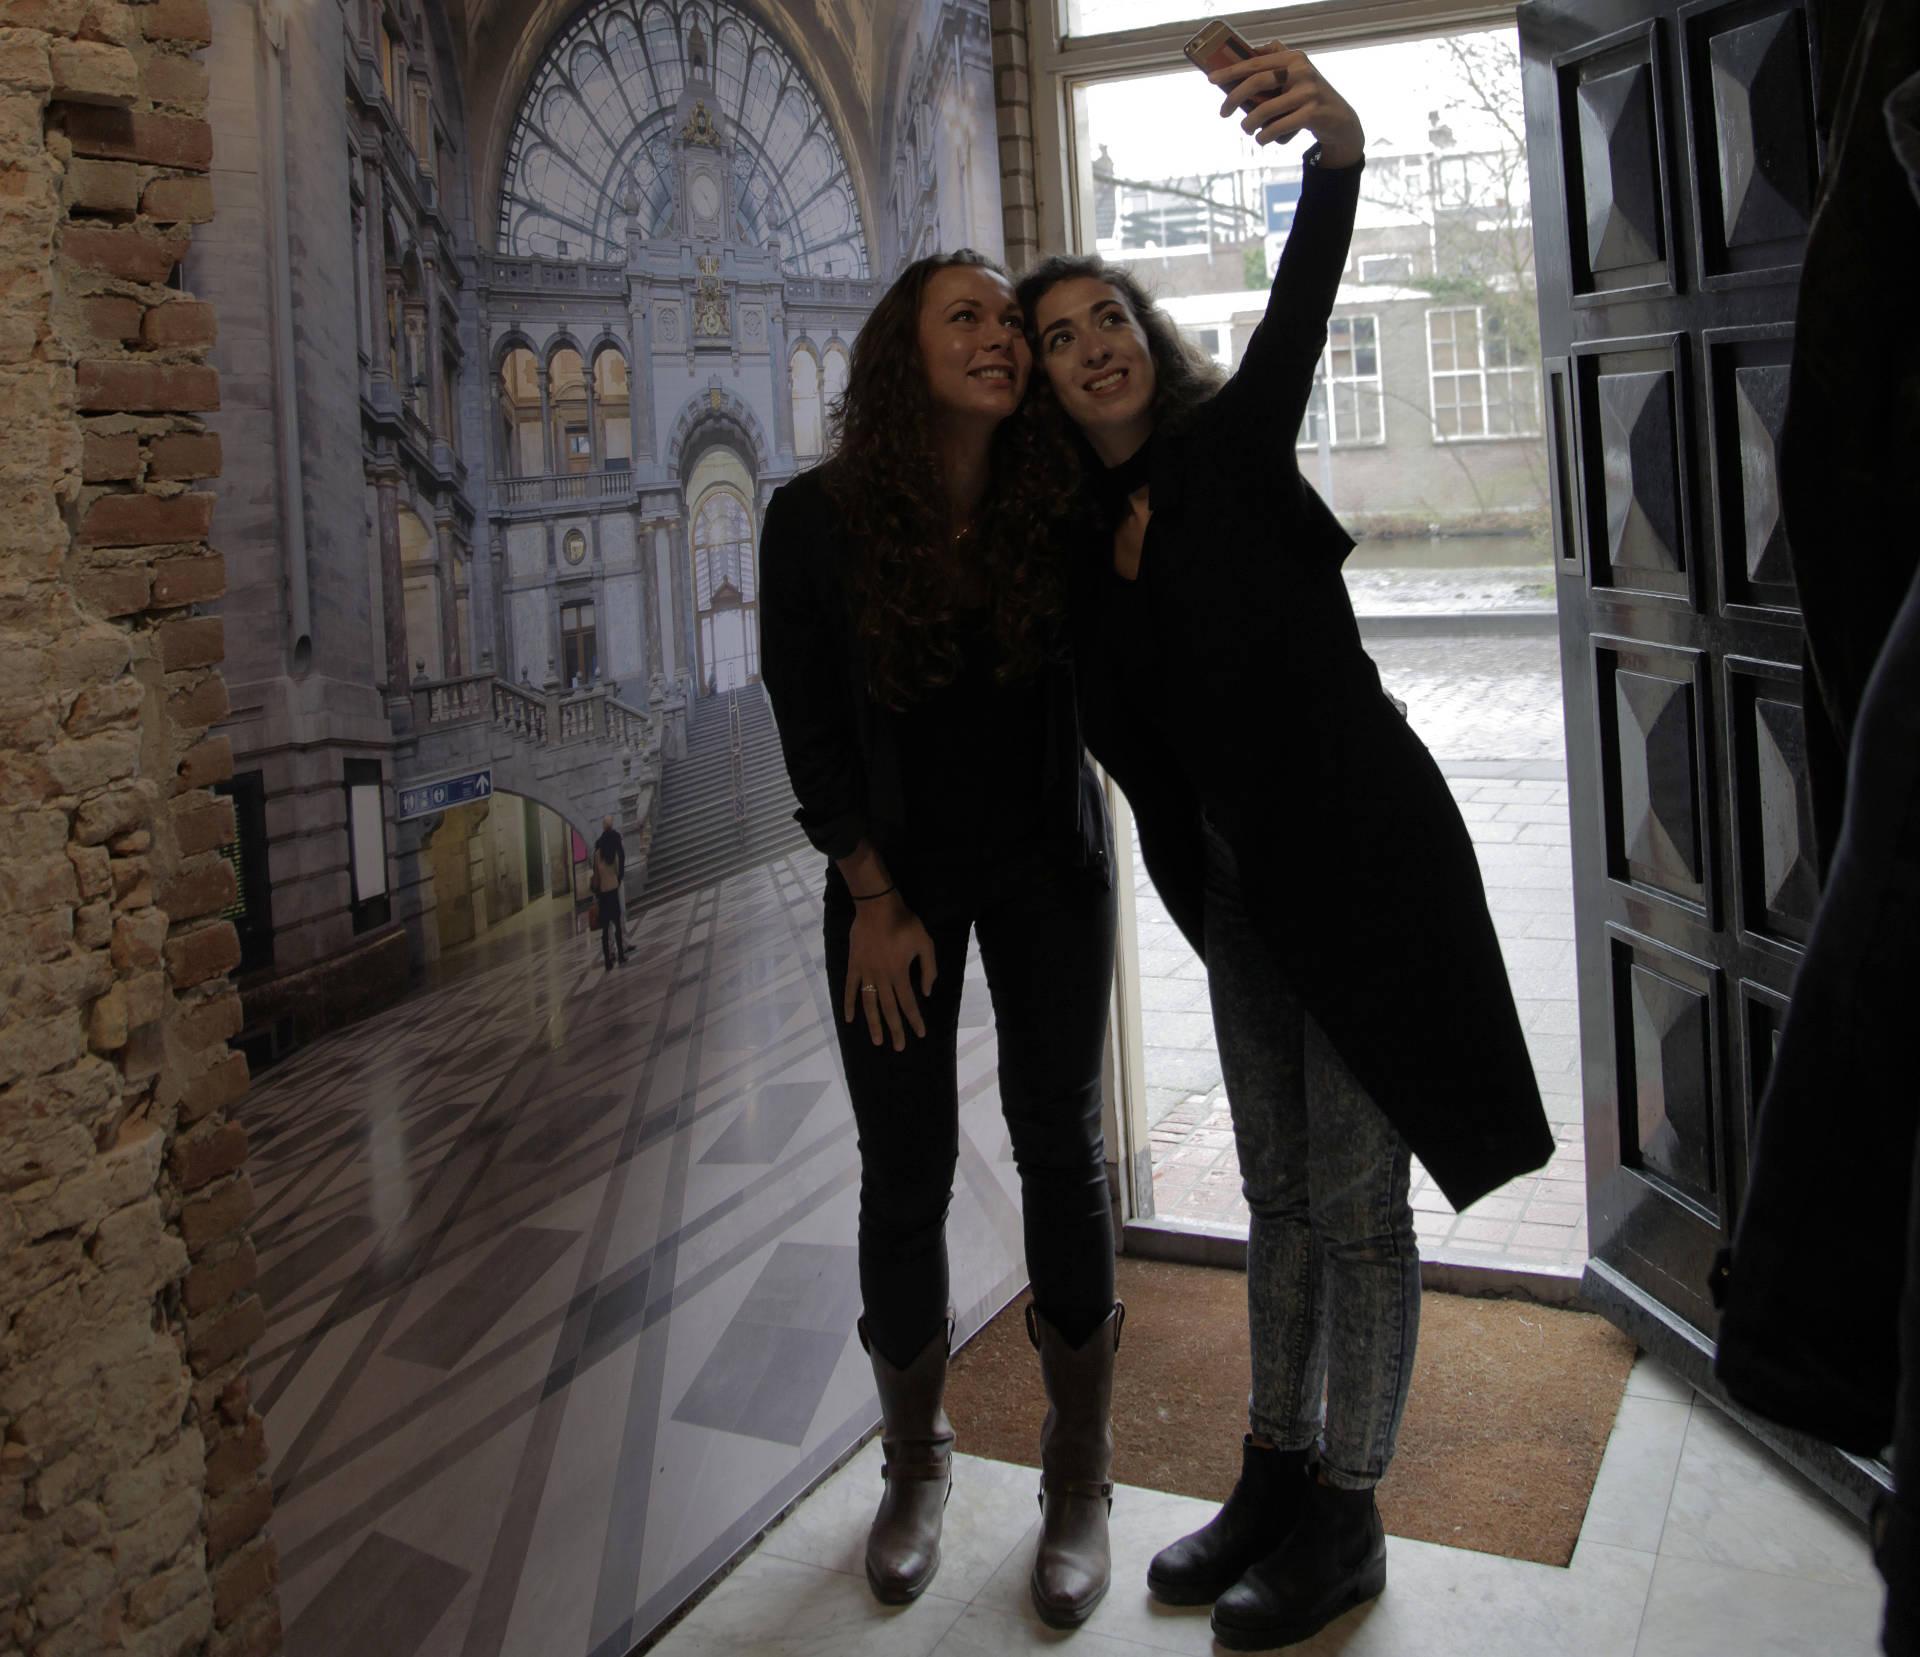 Maak een selfie bij Belgica in Leiden alsof je in Antwerpen bent